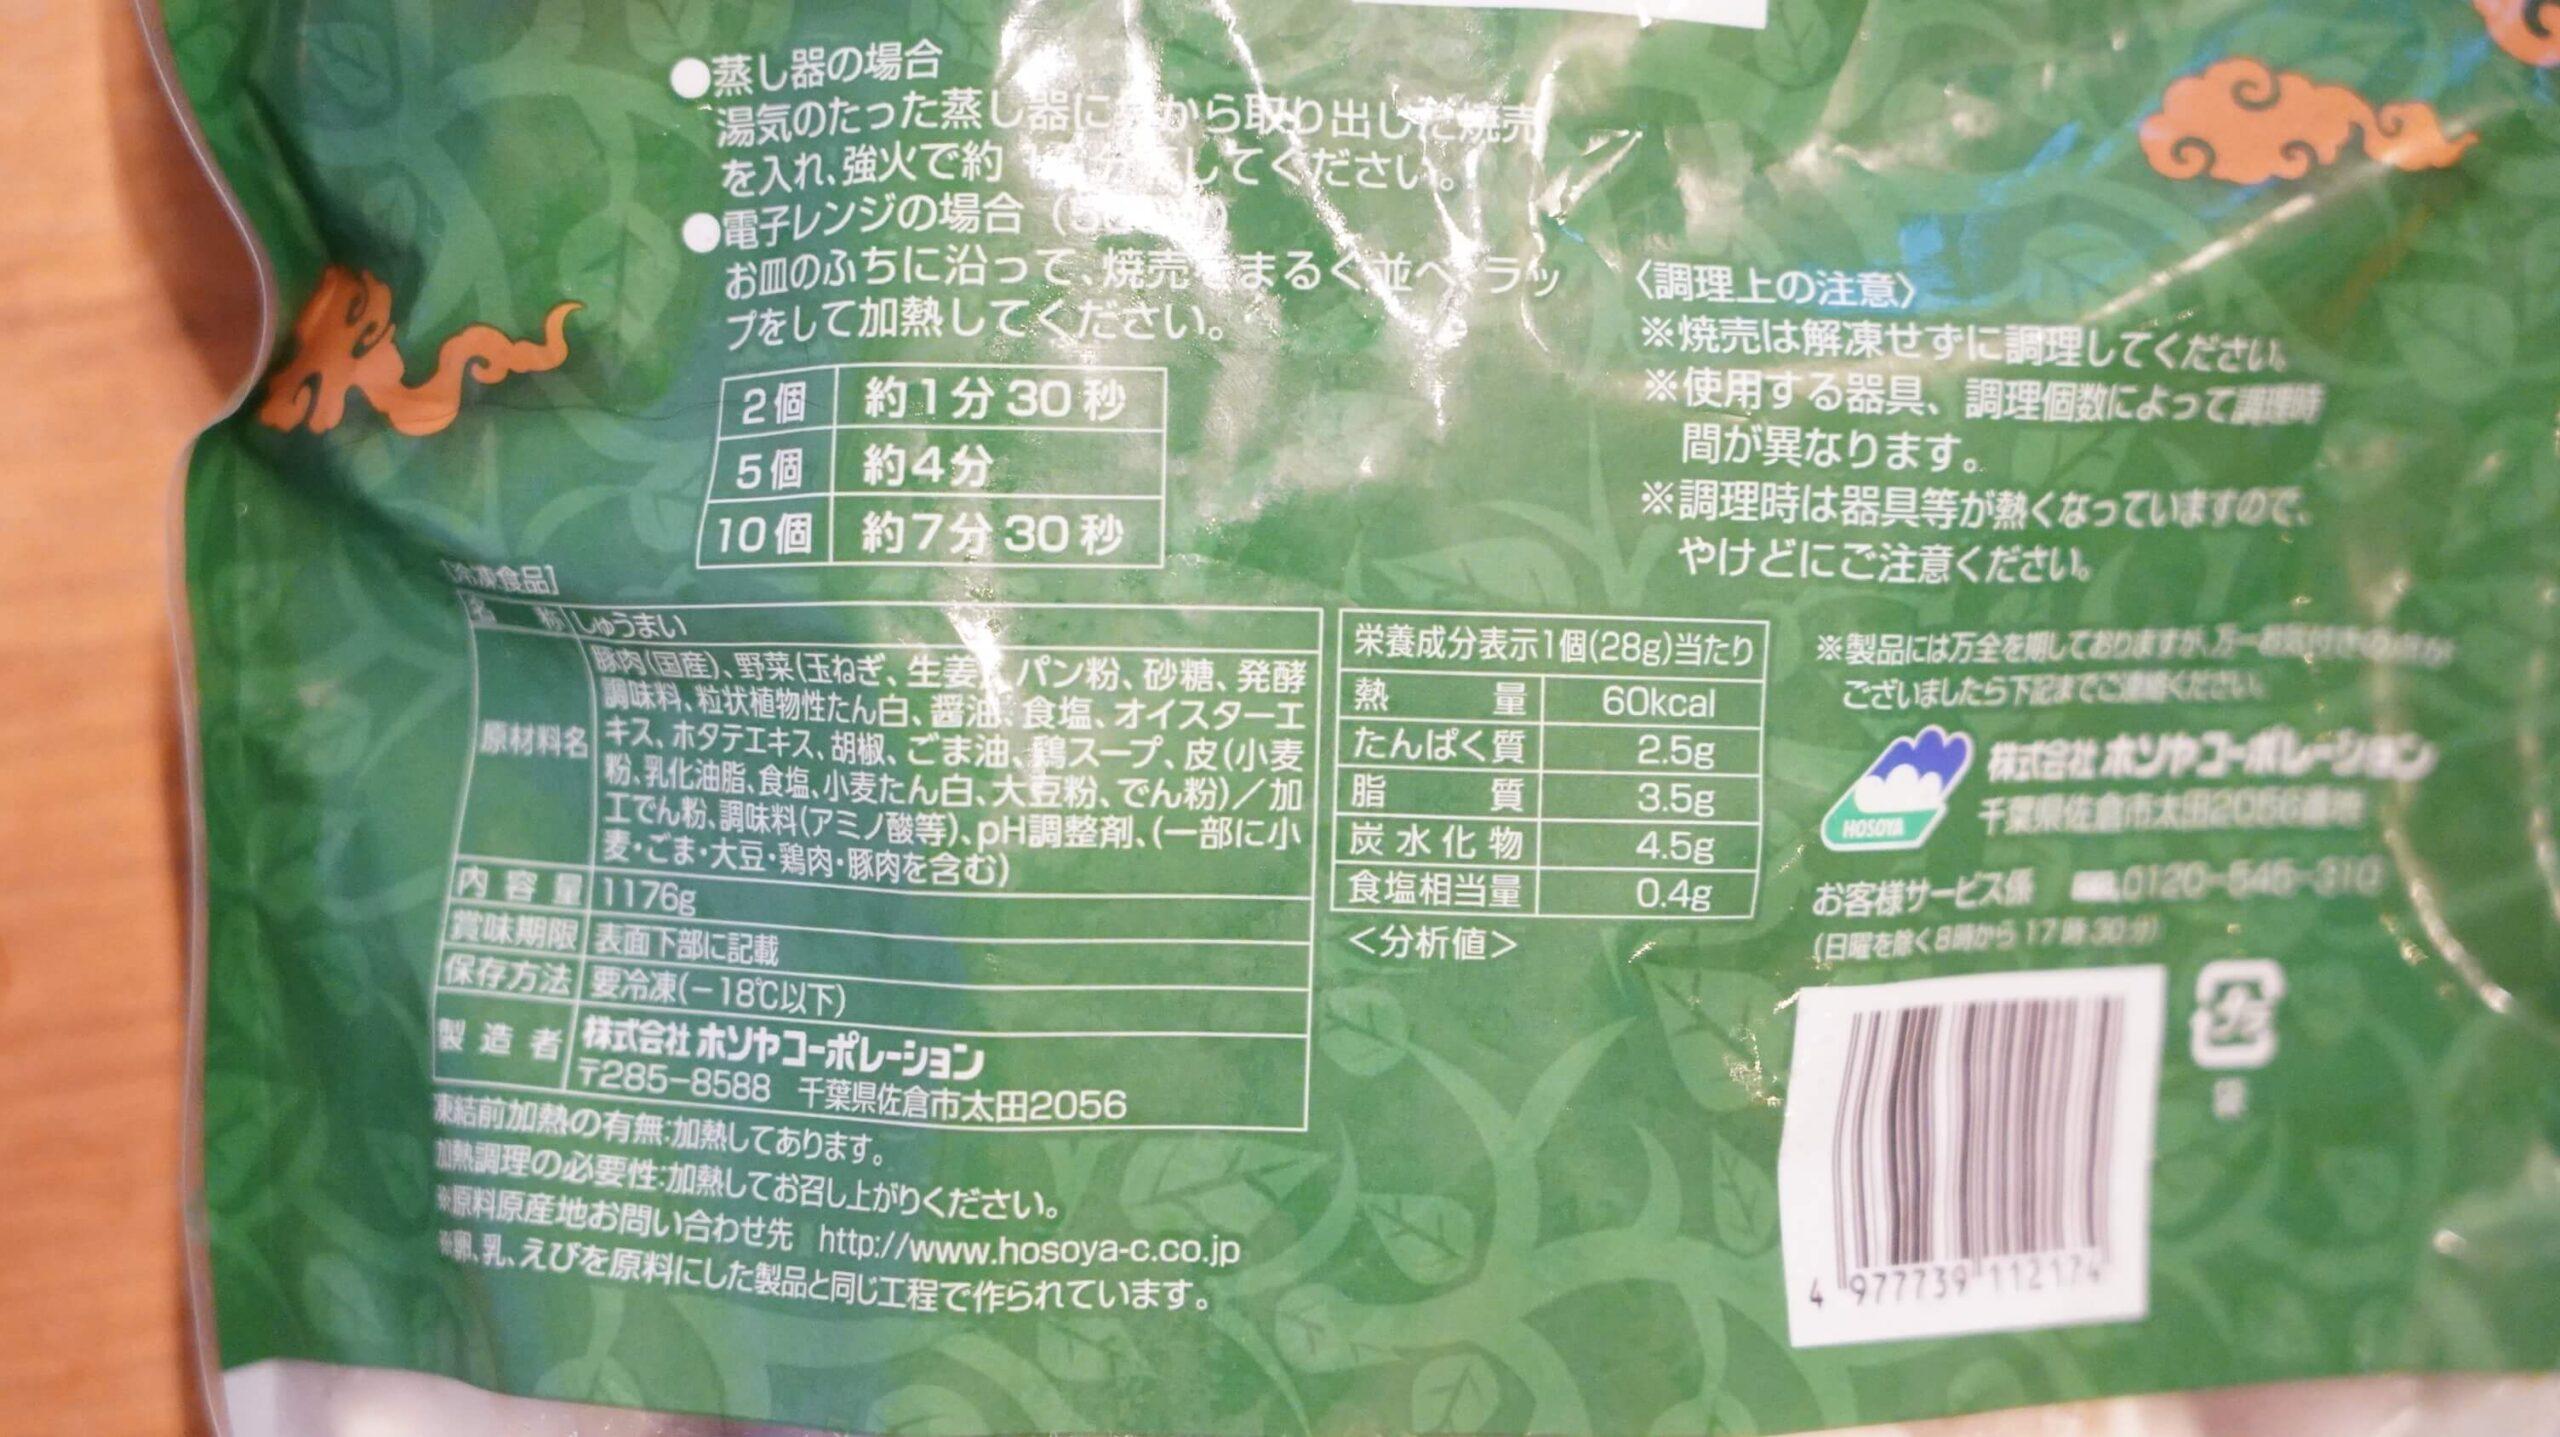 コストコのシューマイ冷凍食品「贅沢焼売」のパッケージ裏面の拡大写真